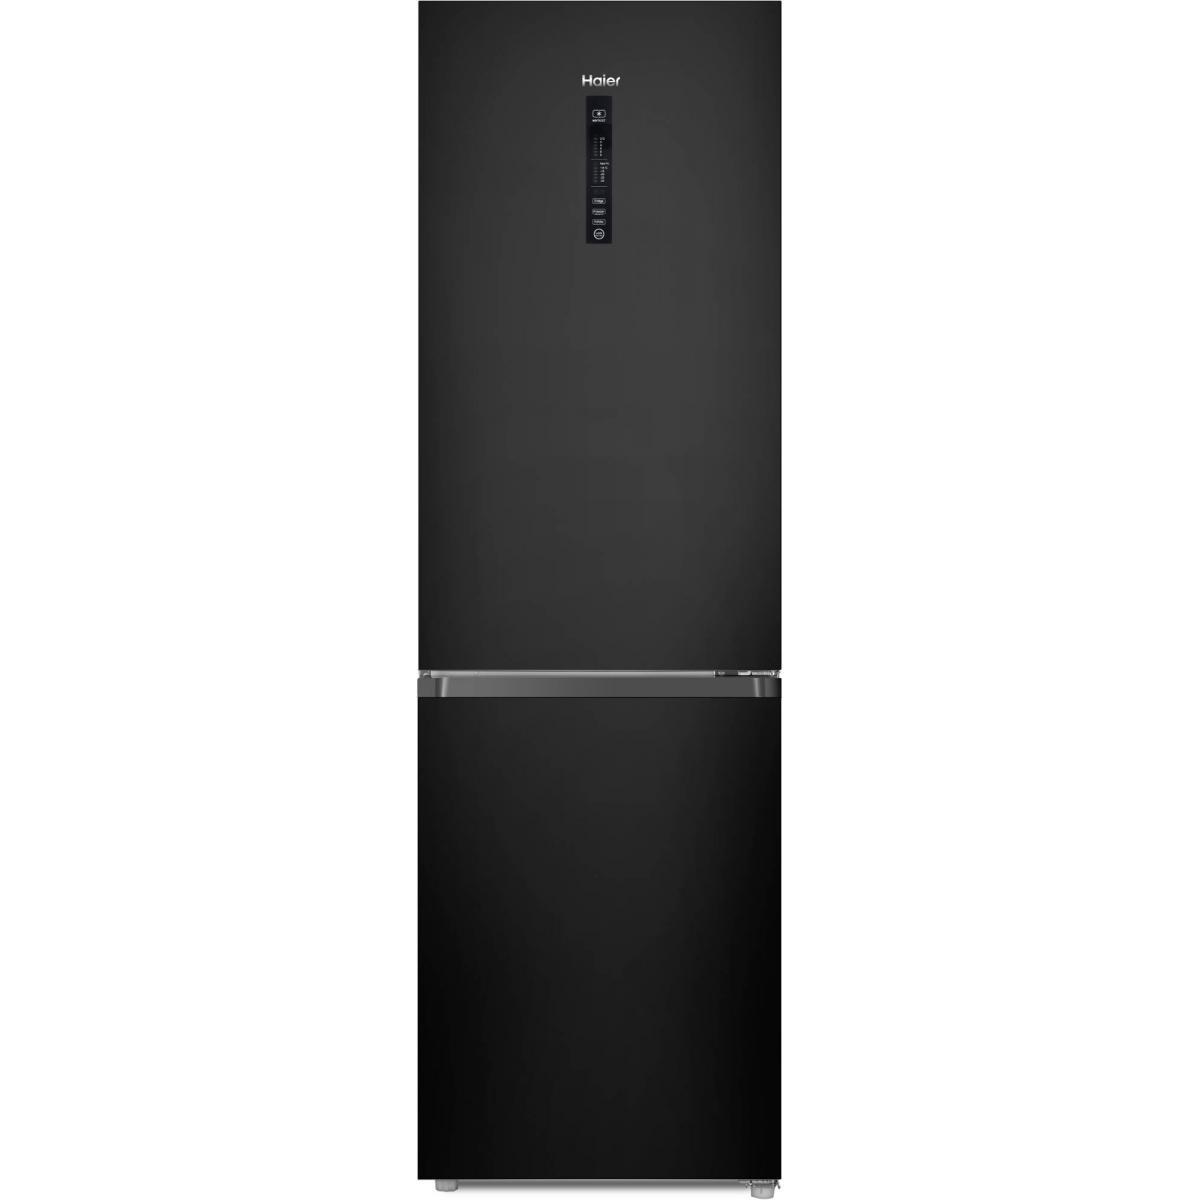 Haier Réfrigérateur combiné 341L Froid Ventilé HAIER 59.5cm A+, HDR3619FNPB